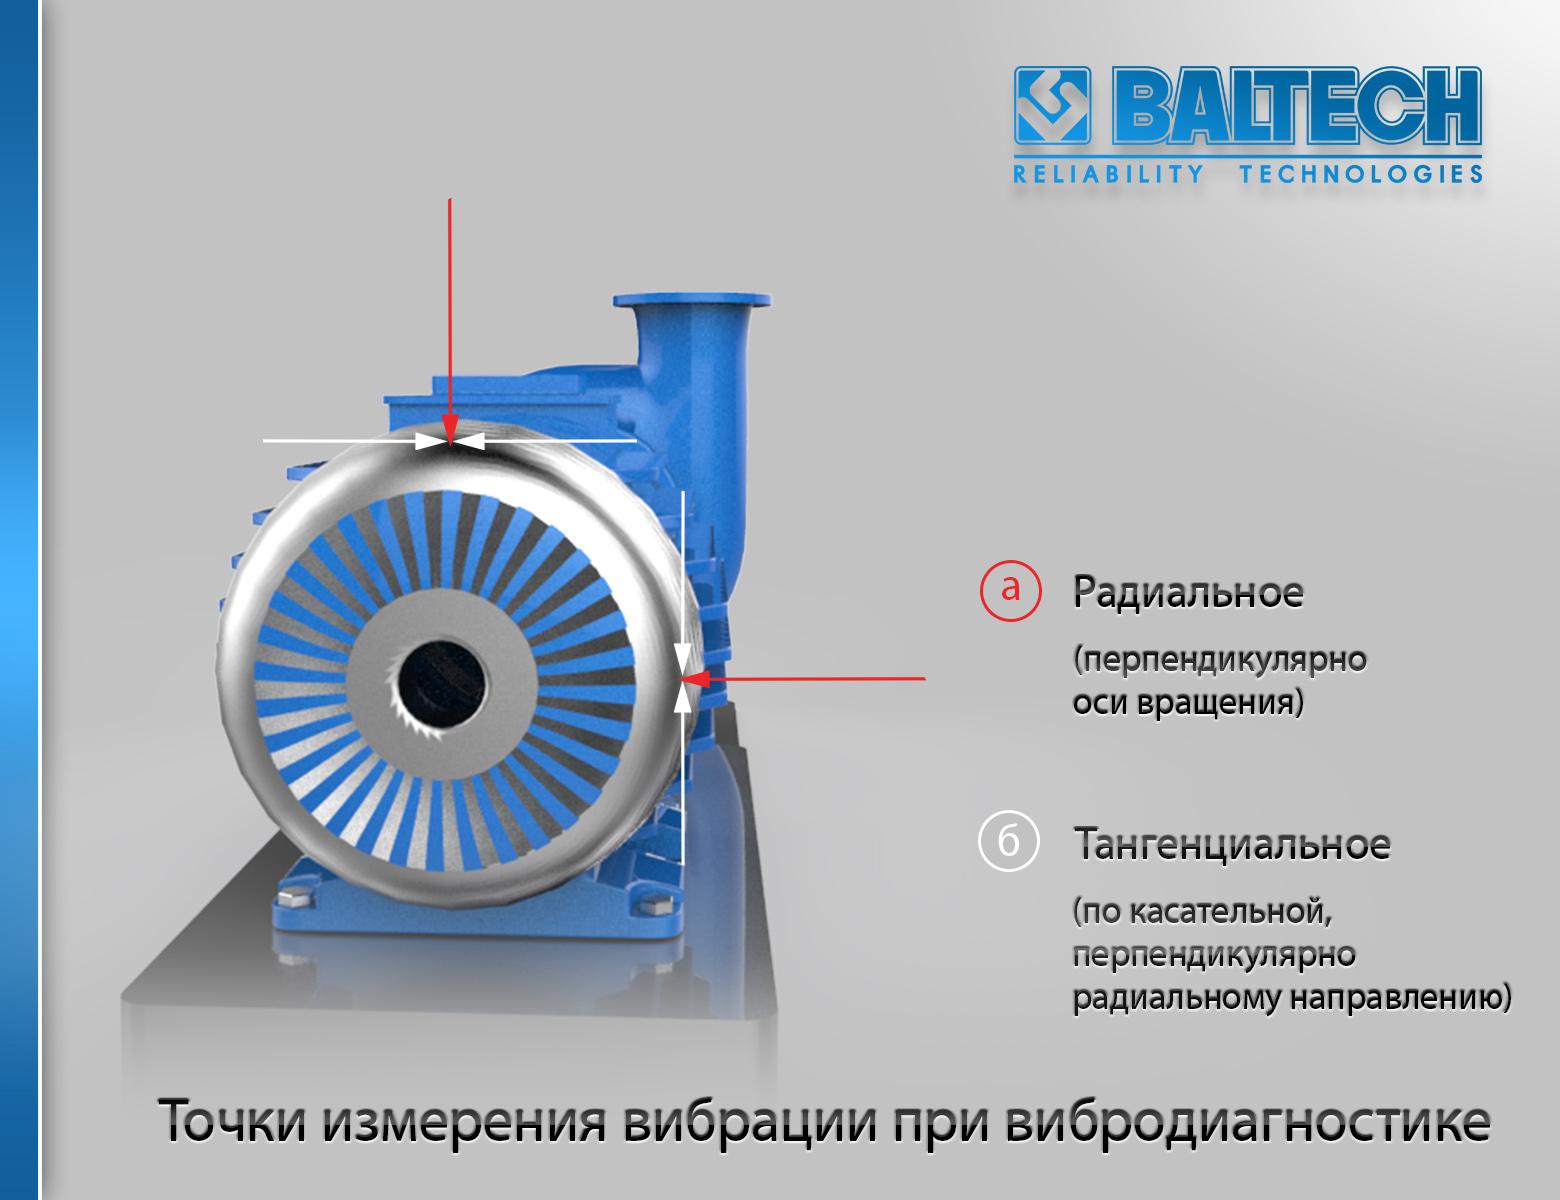 Точки измерения вибрации при вибродиагностике, измерение вибрации, методы измерения вибрации, измерение вибрации акселерометром